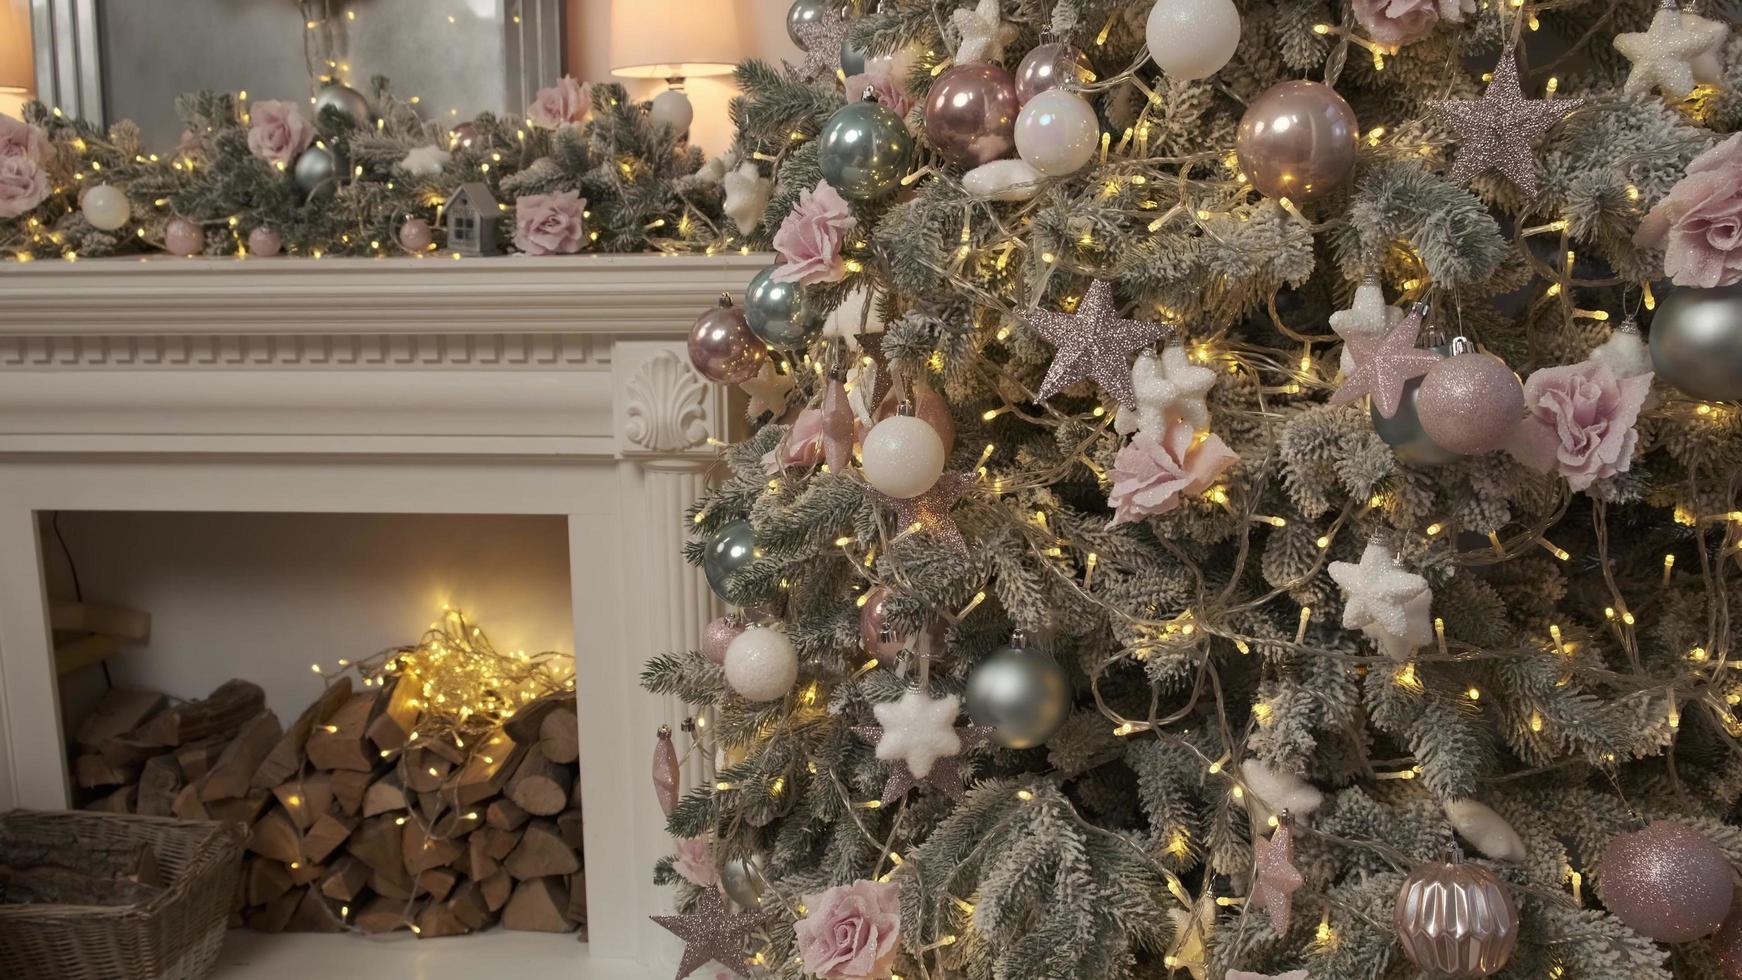 acogedora habitación con un ambiente navideño. chimenea, árbol de navidad resplandeciente. ambiente hogareño confortable. espíritu de navidad y año nuevo. Navidad. bucle de fondo de vídeo. foto